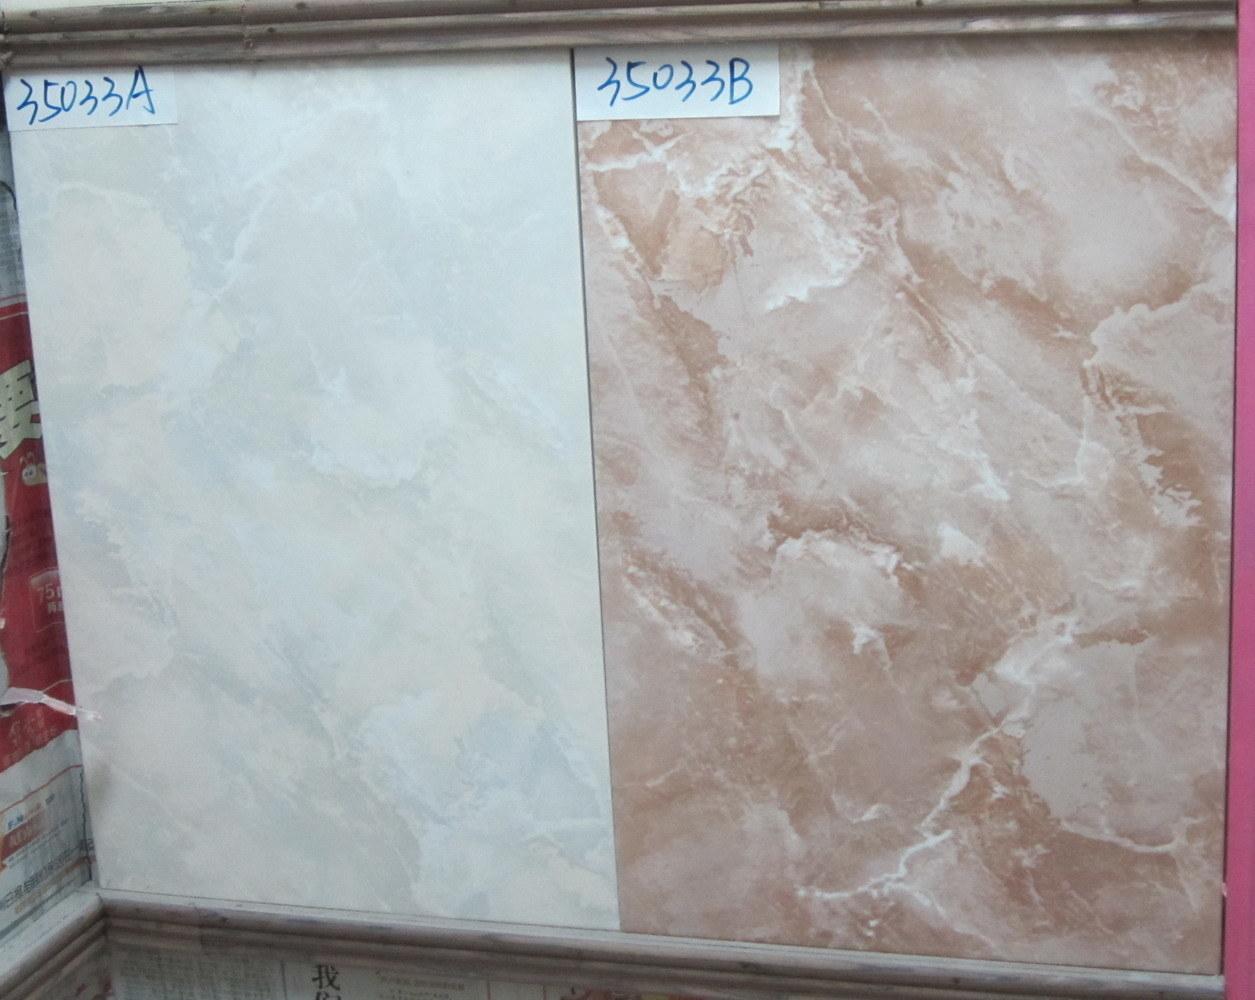 Azulejos de m rmol de la pared del dise o 35033 for Azulejos de marmol